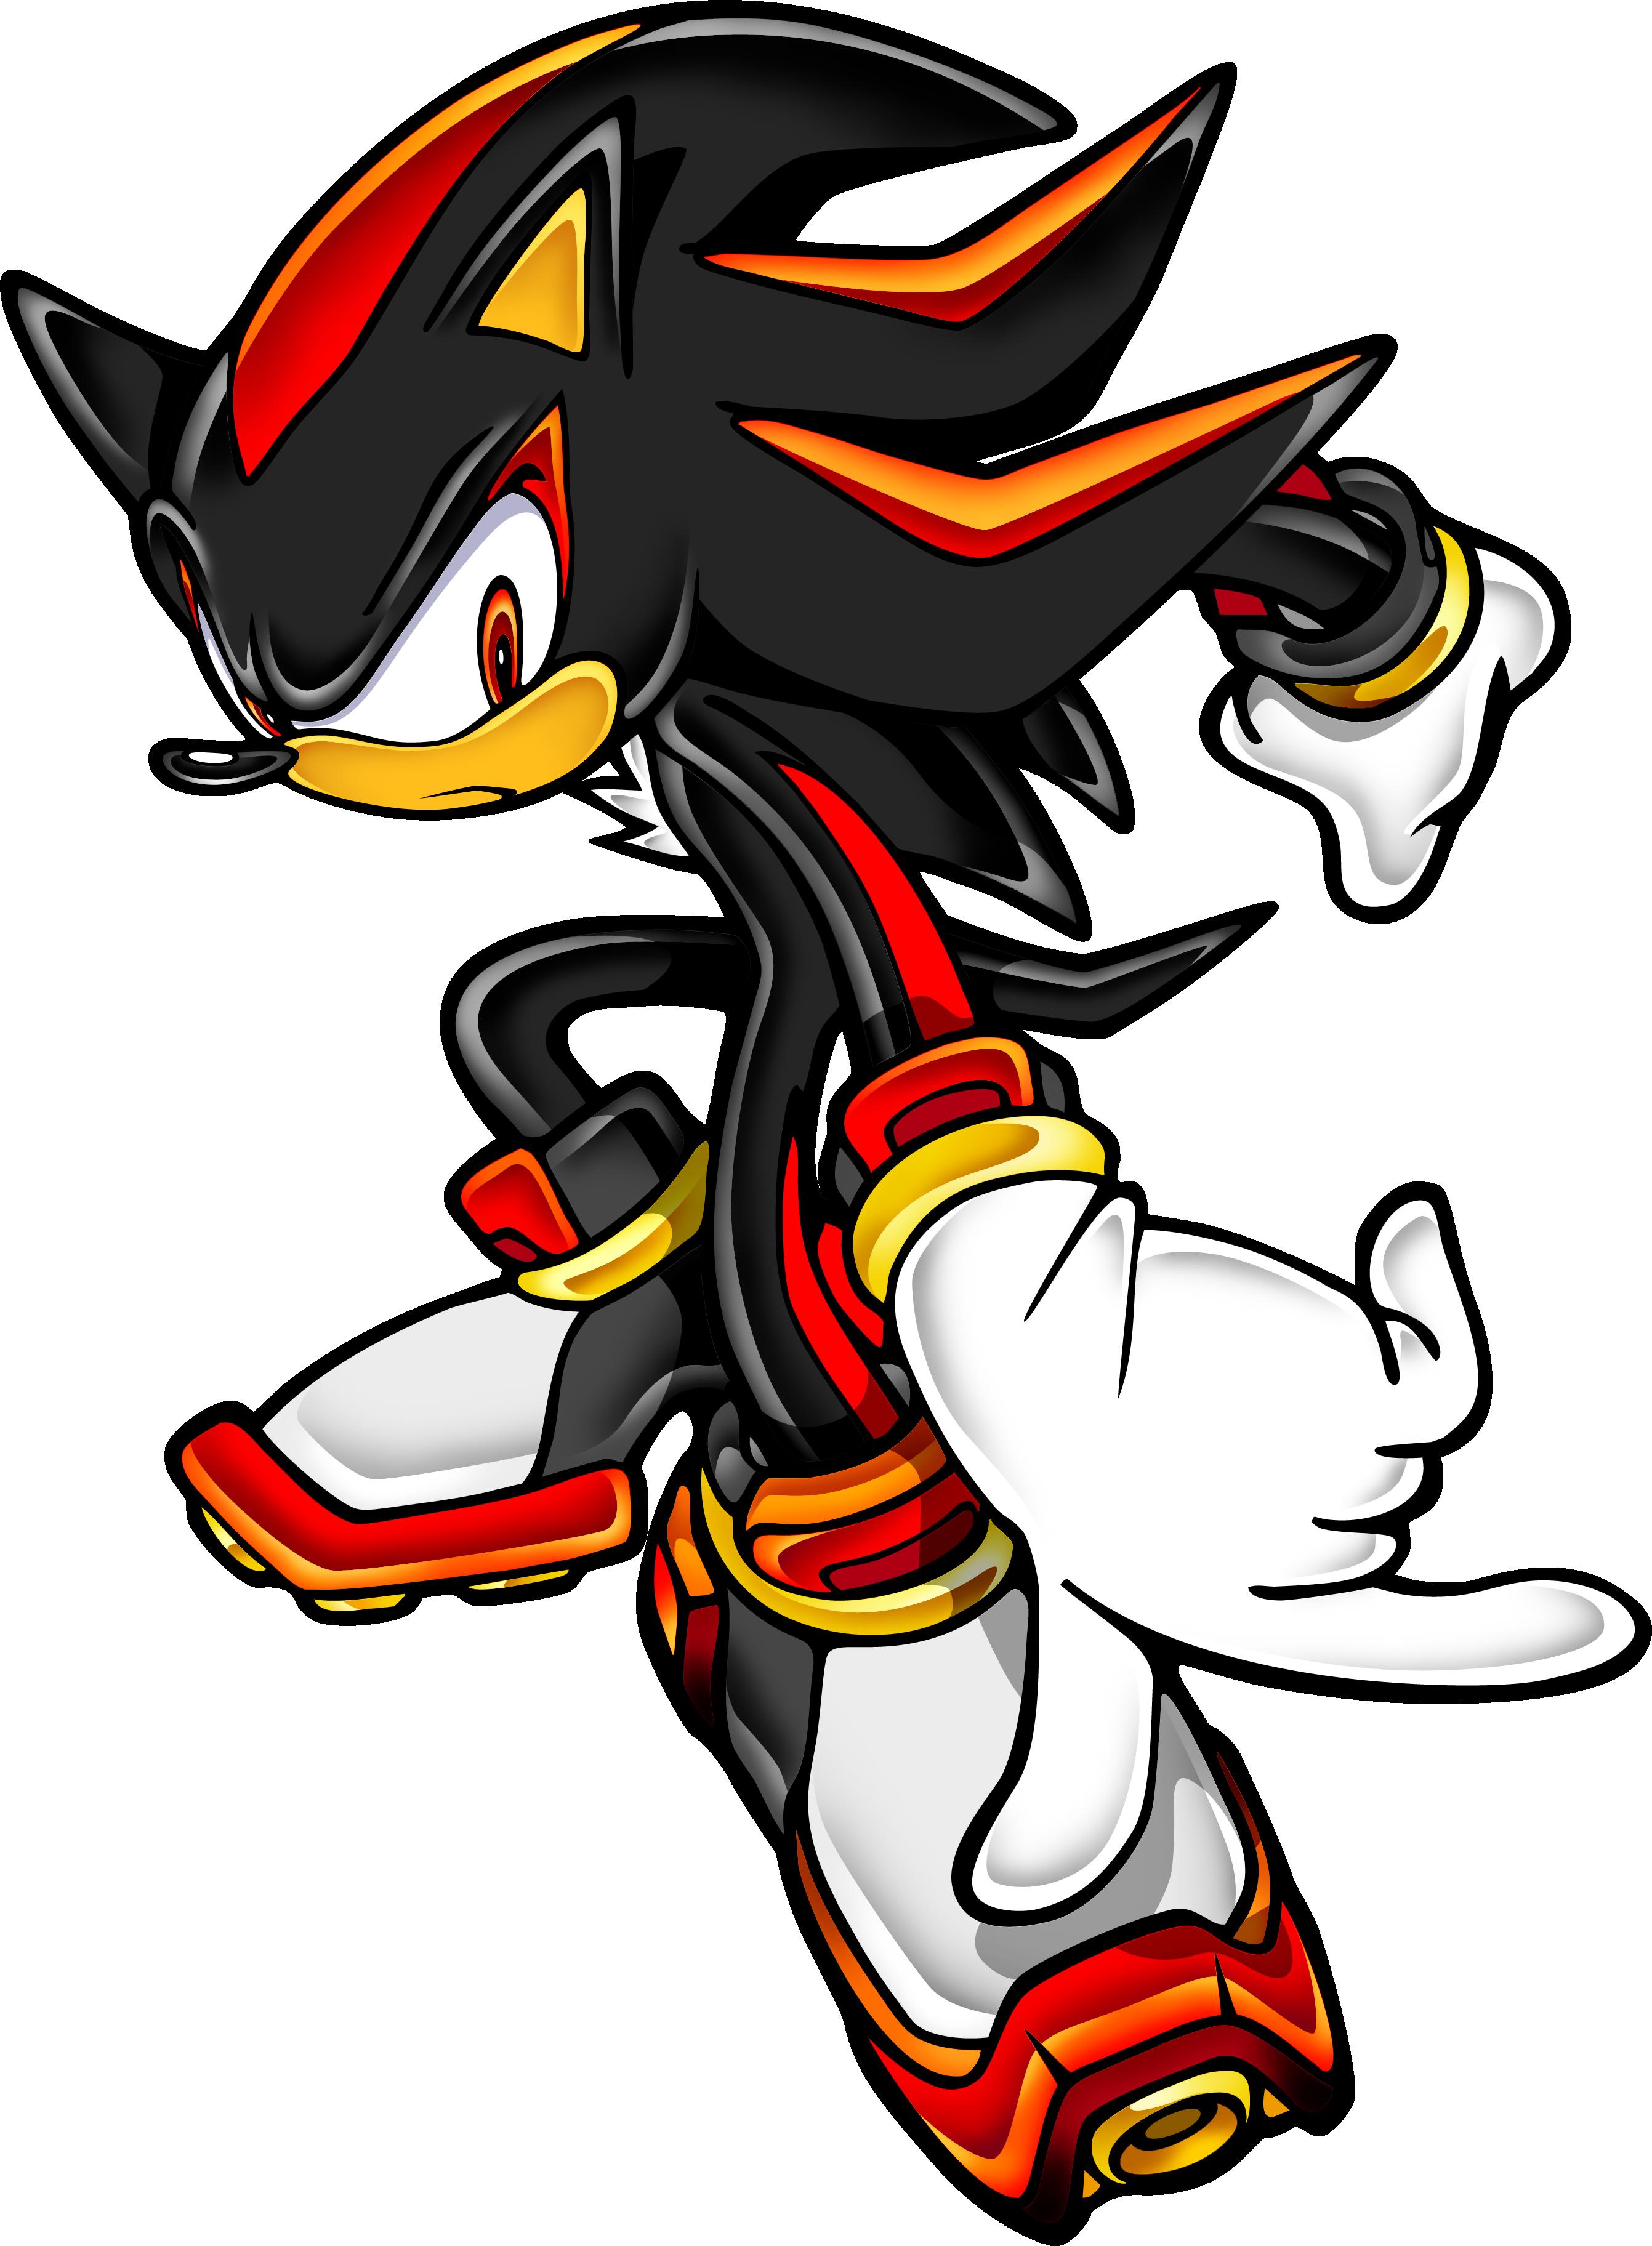 2683x3648 Sonic Adventure 2 Packshot Render